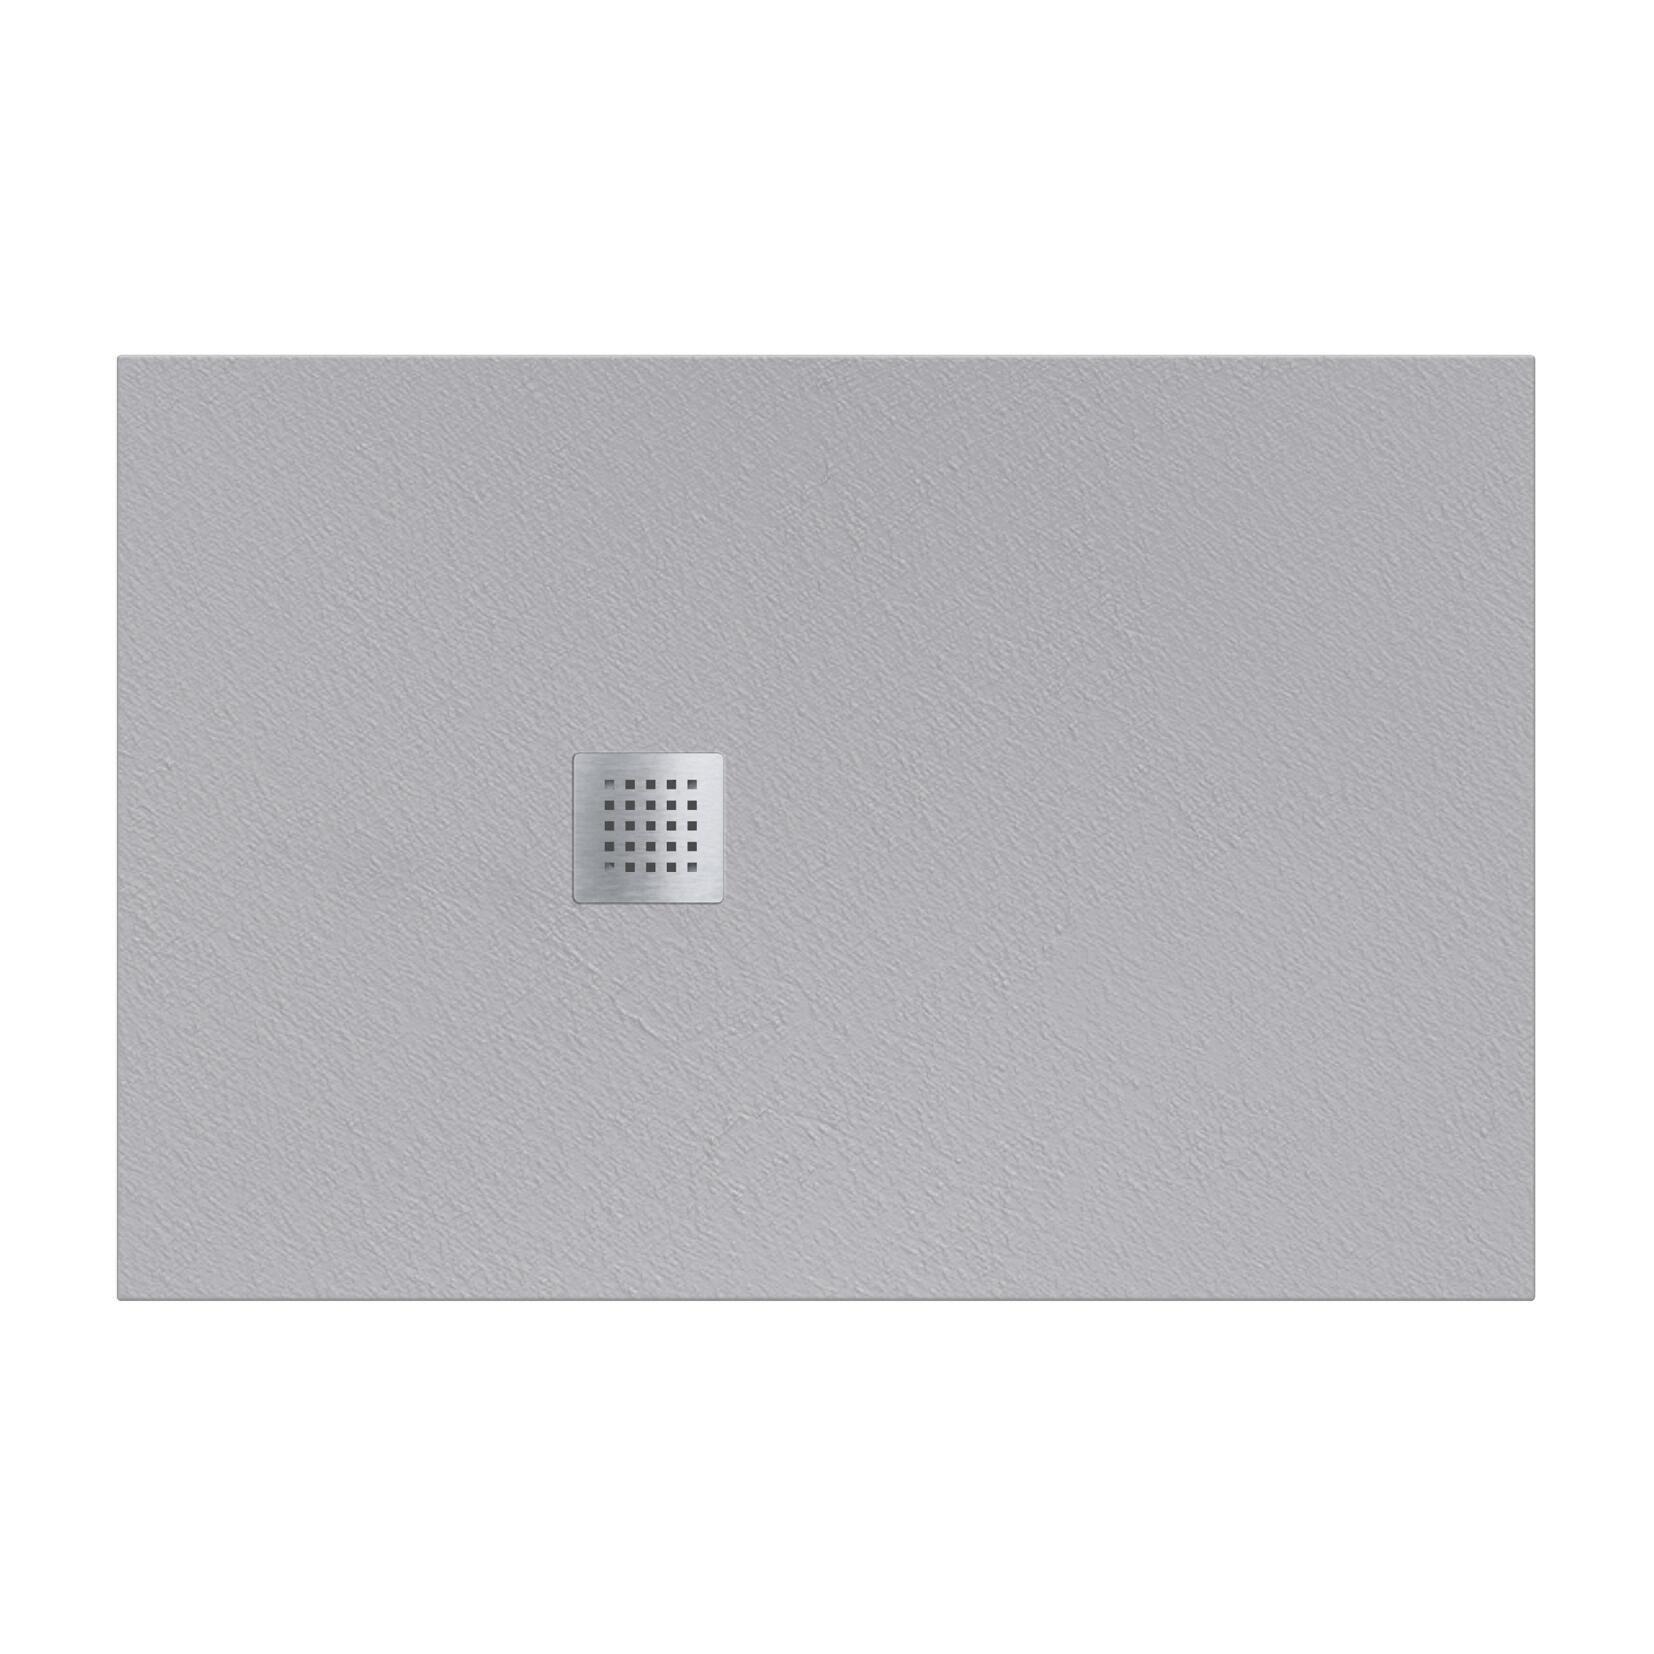 Piatto doccia resina Strato 180 x 100 cm grigio